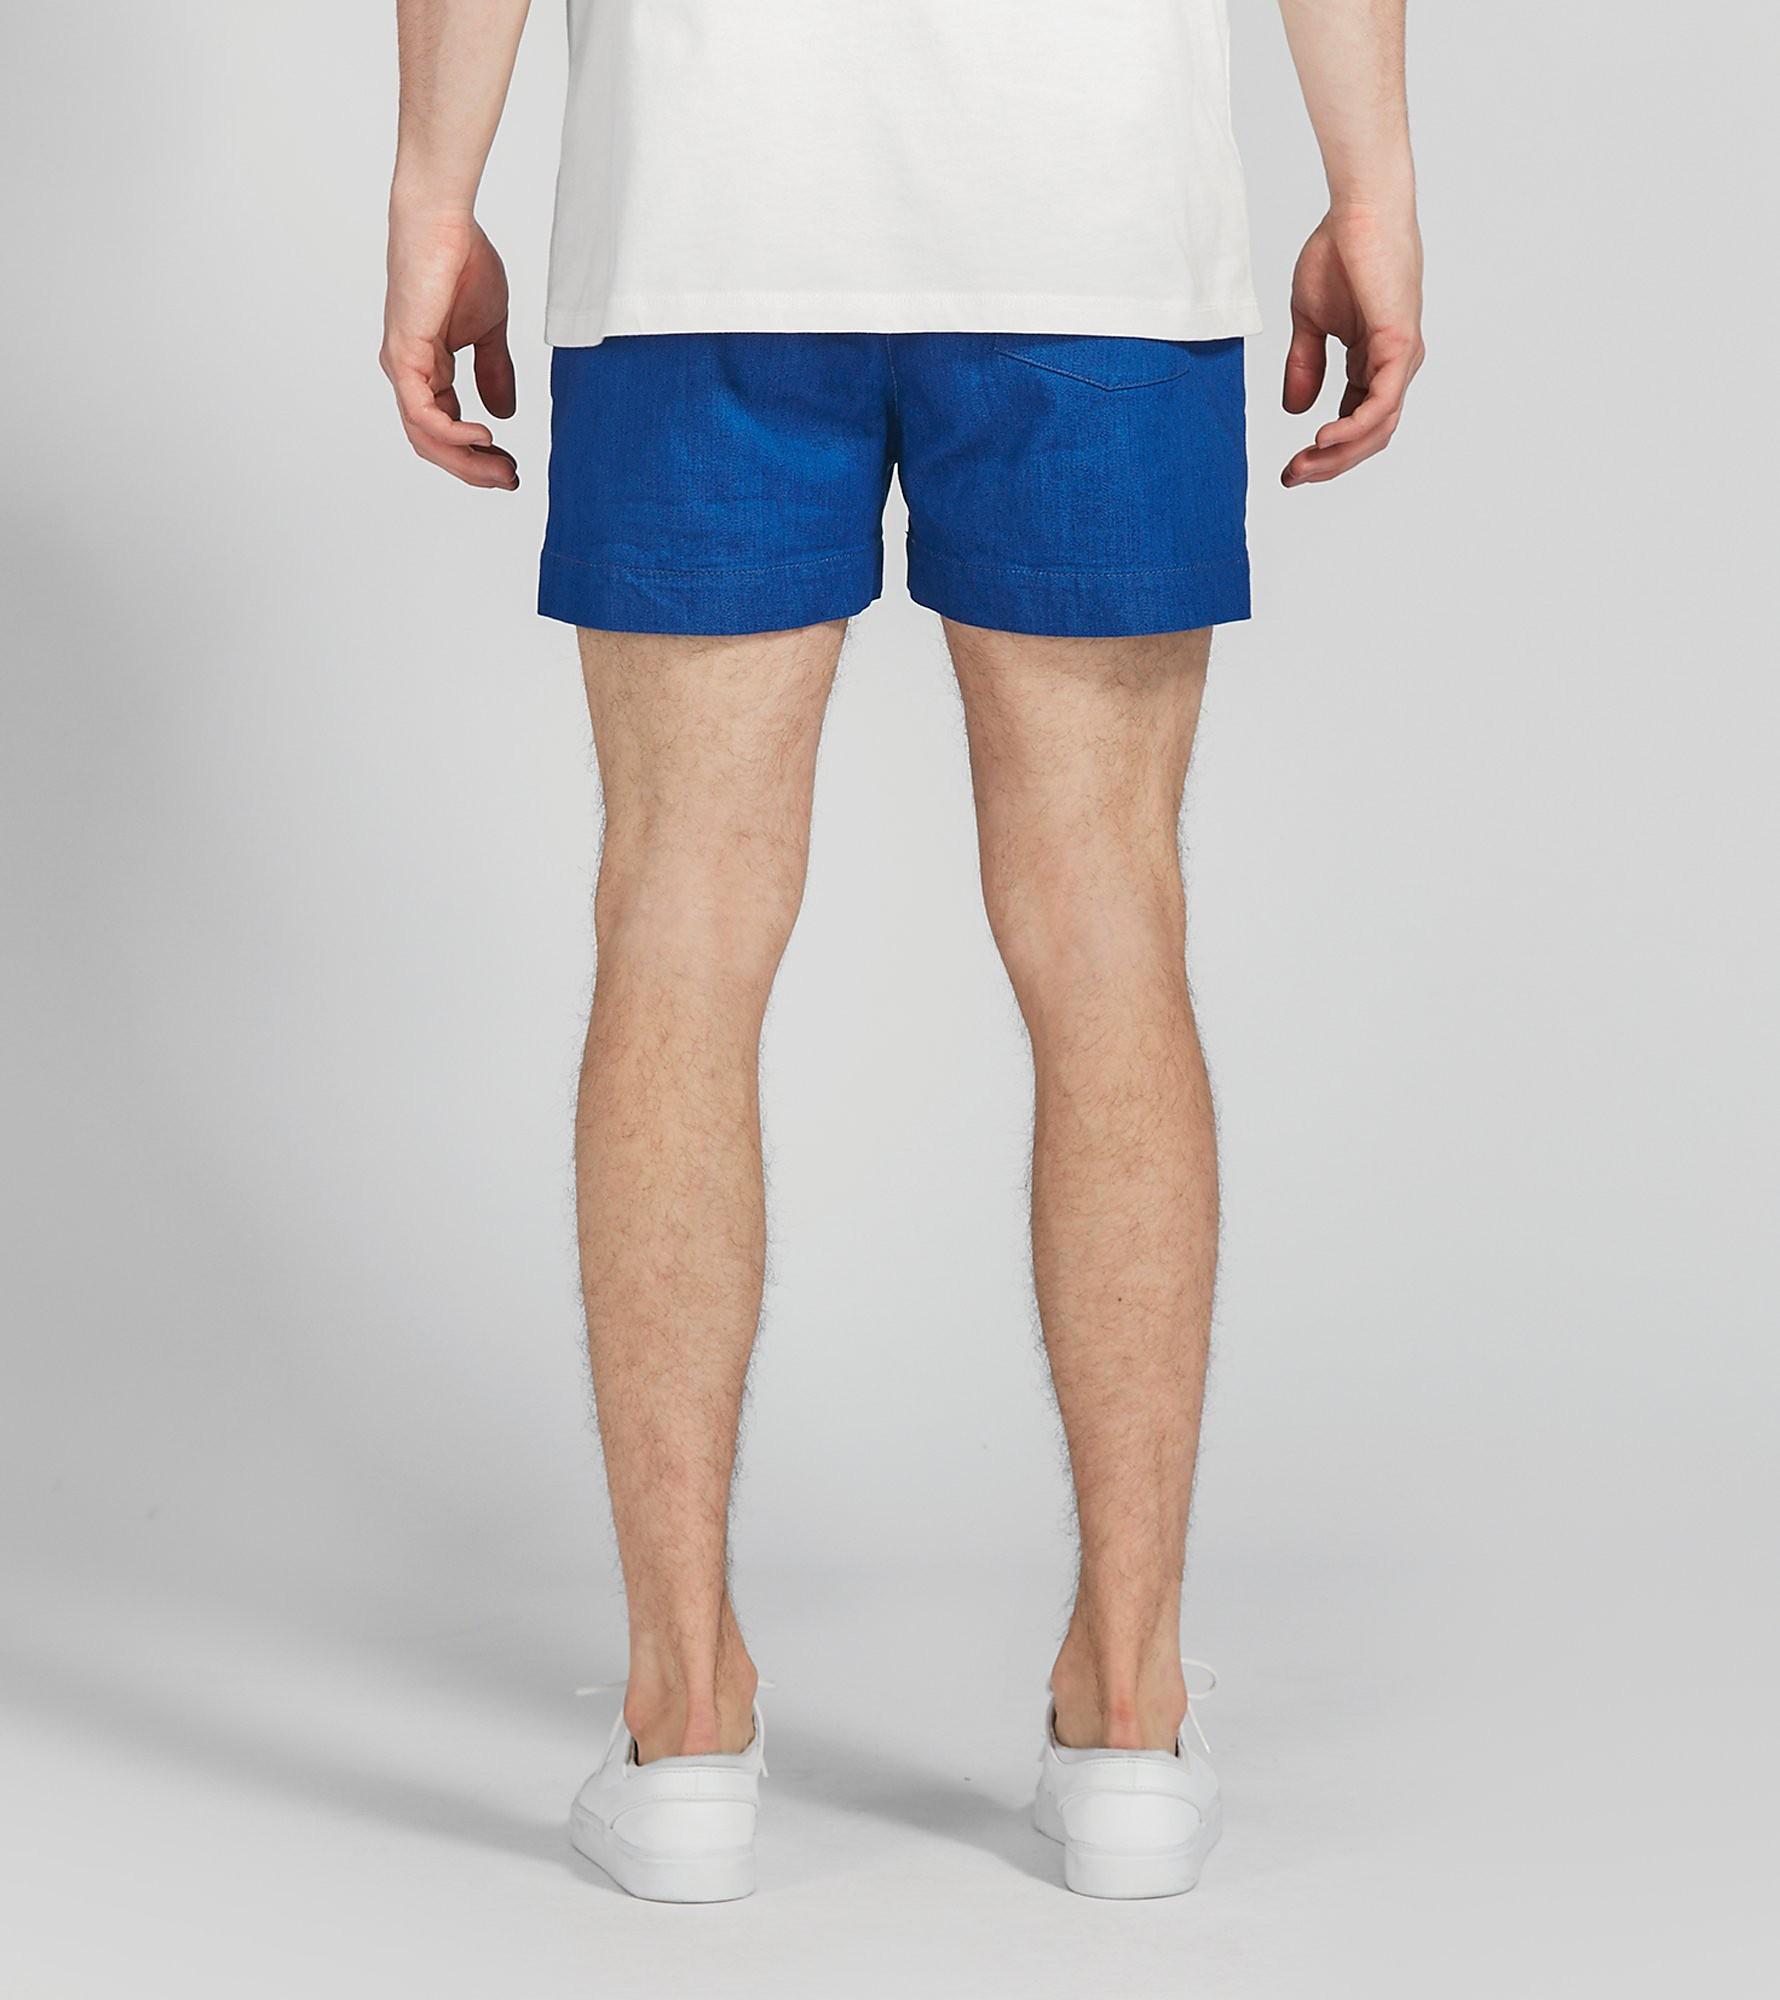 LIBERTINE-LIBERTINE Fade Denim Shorts